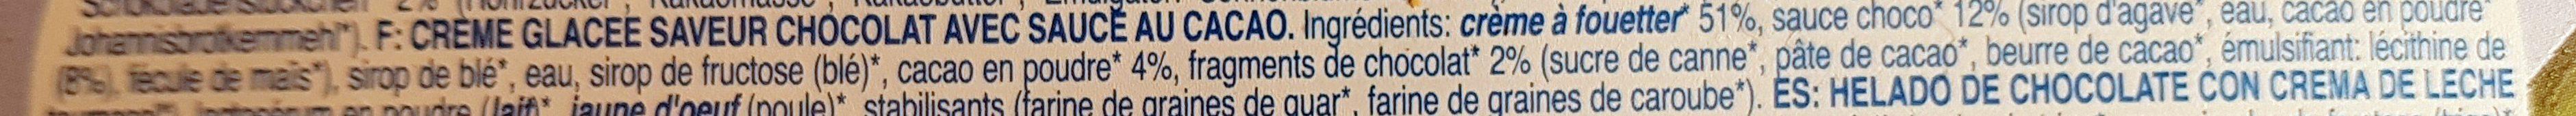 Choco Mood - Ingrédients